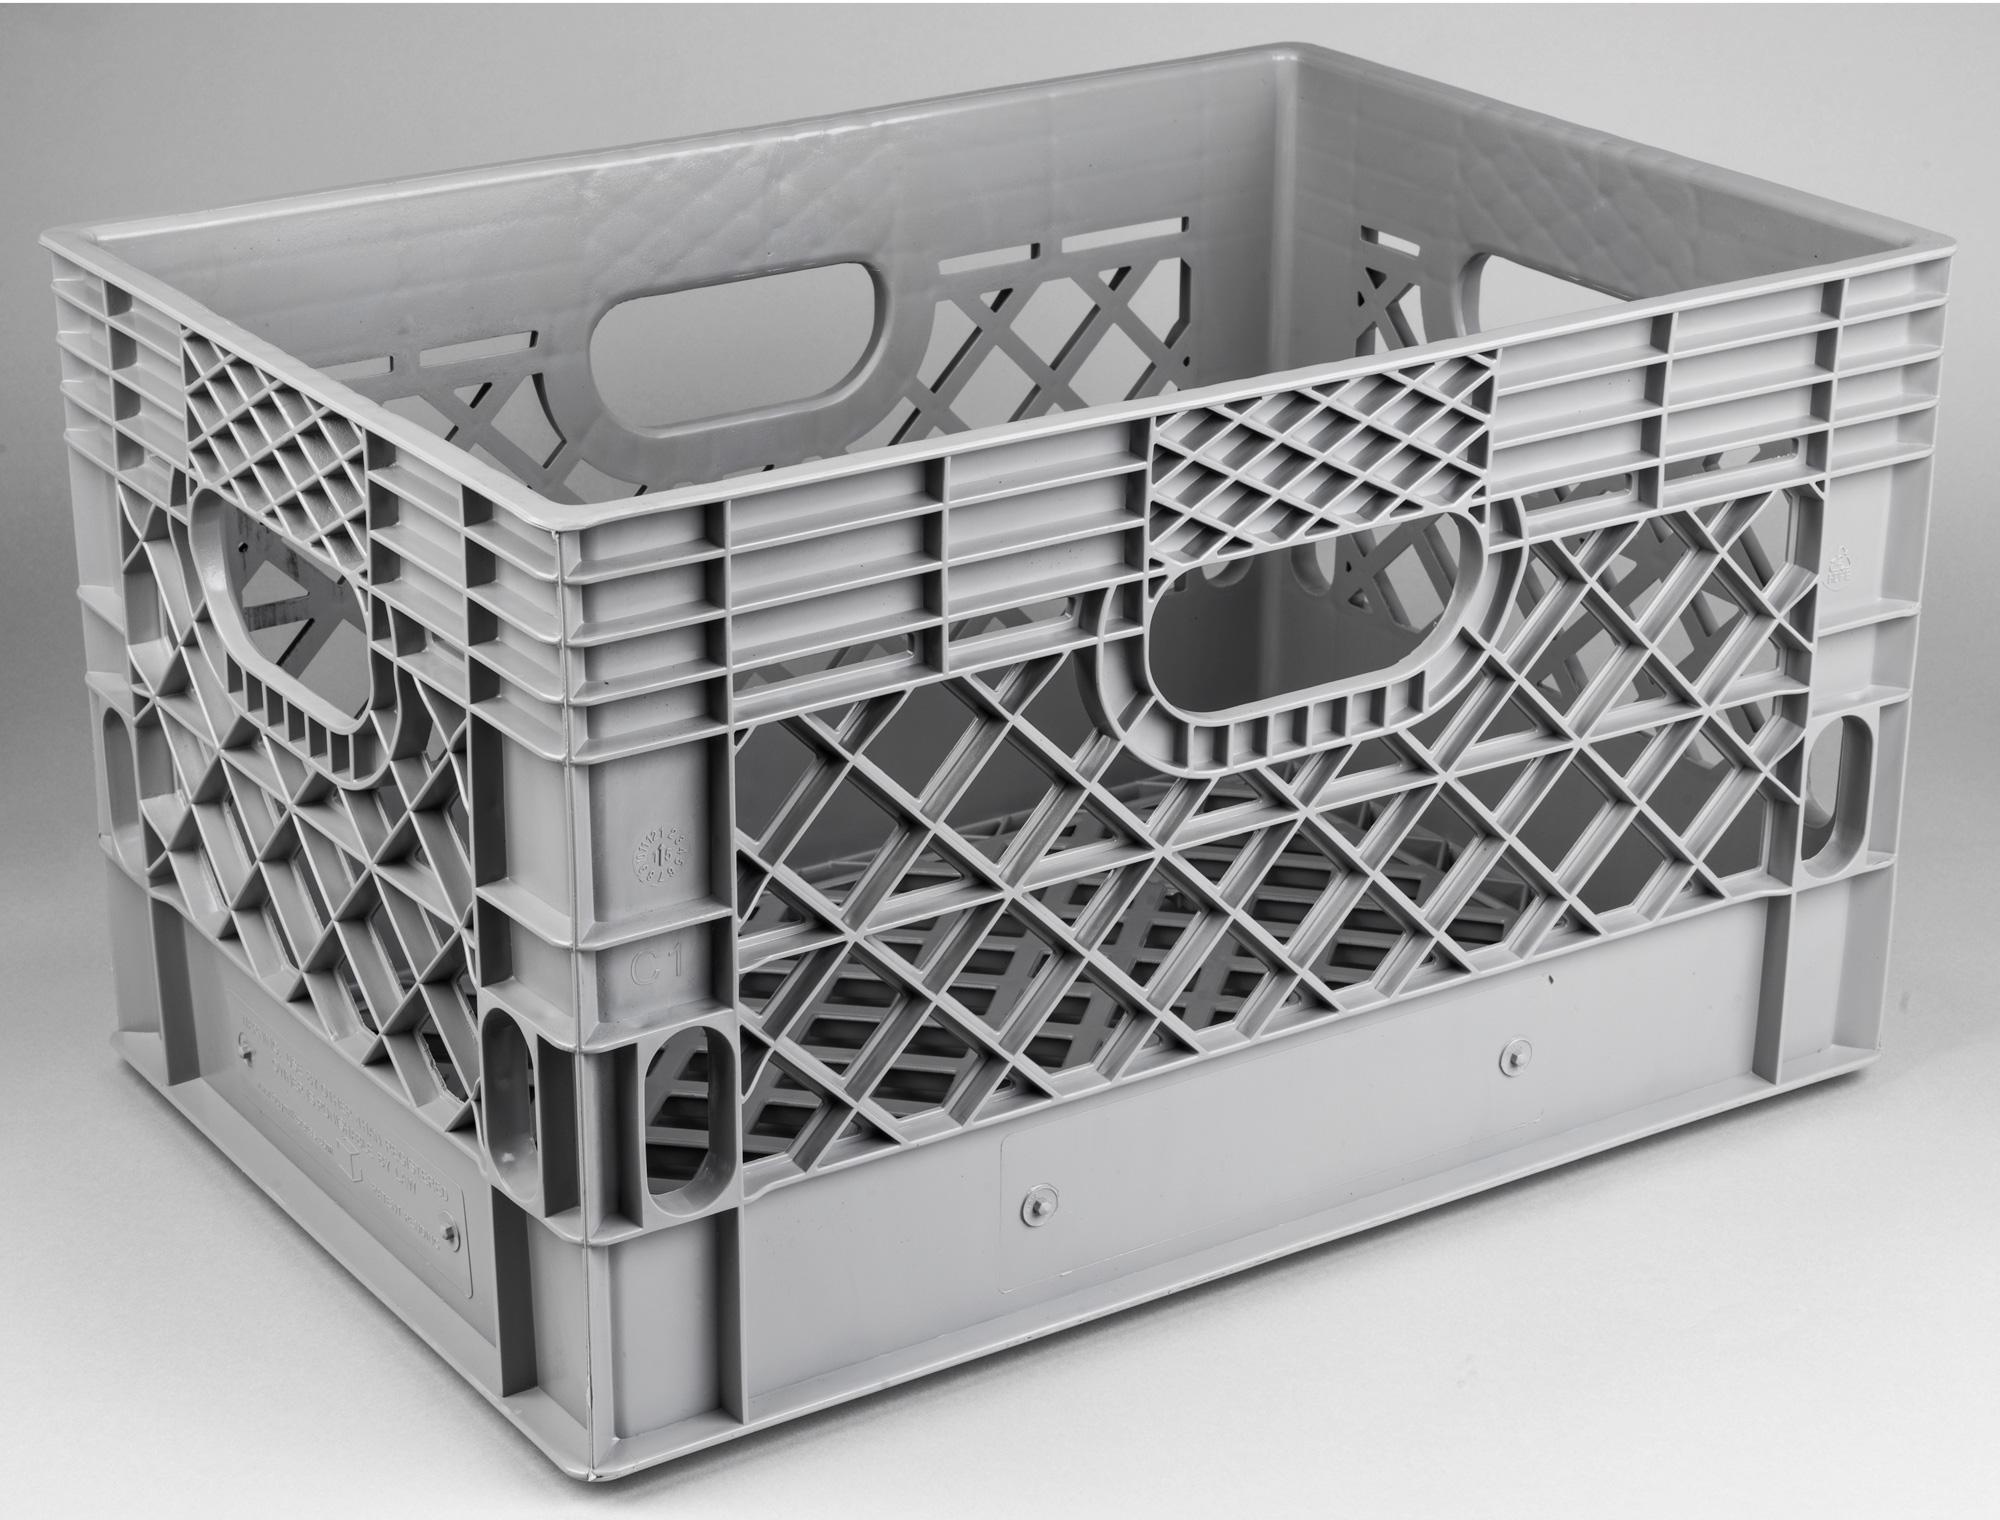 Résultats de recherche d'images pour «oversize milk crate»